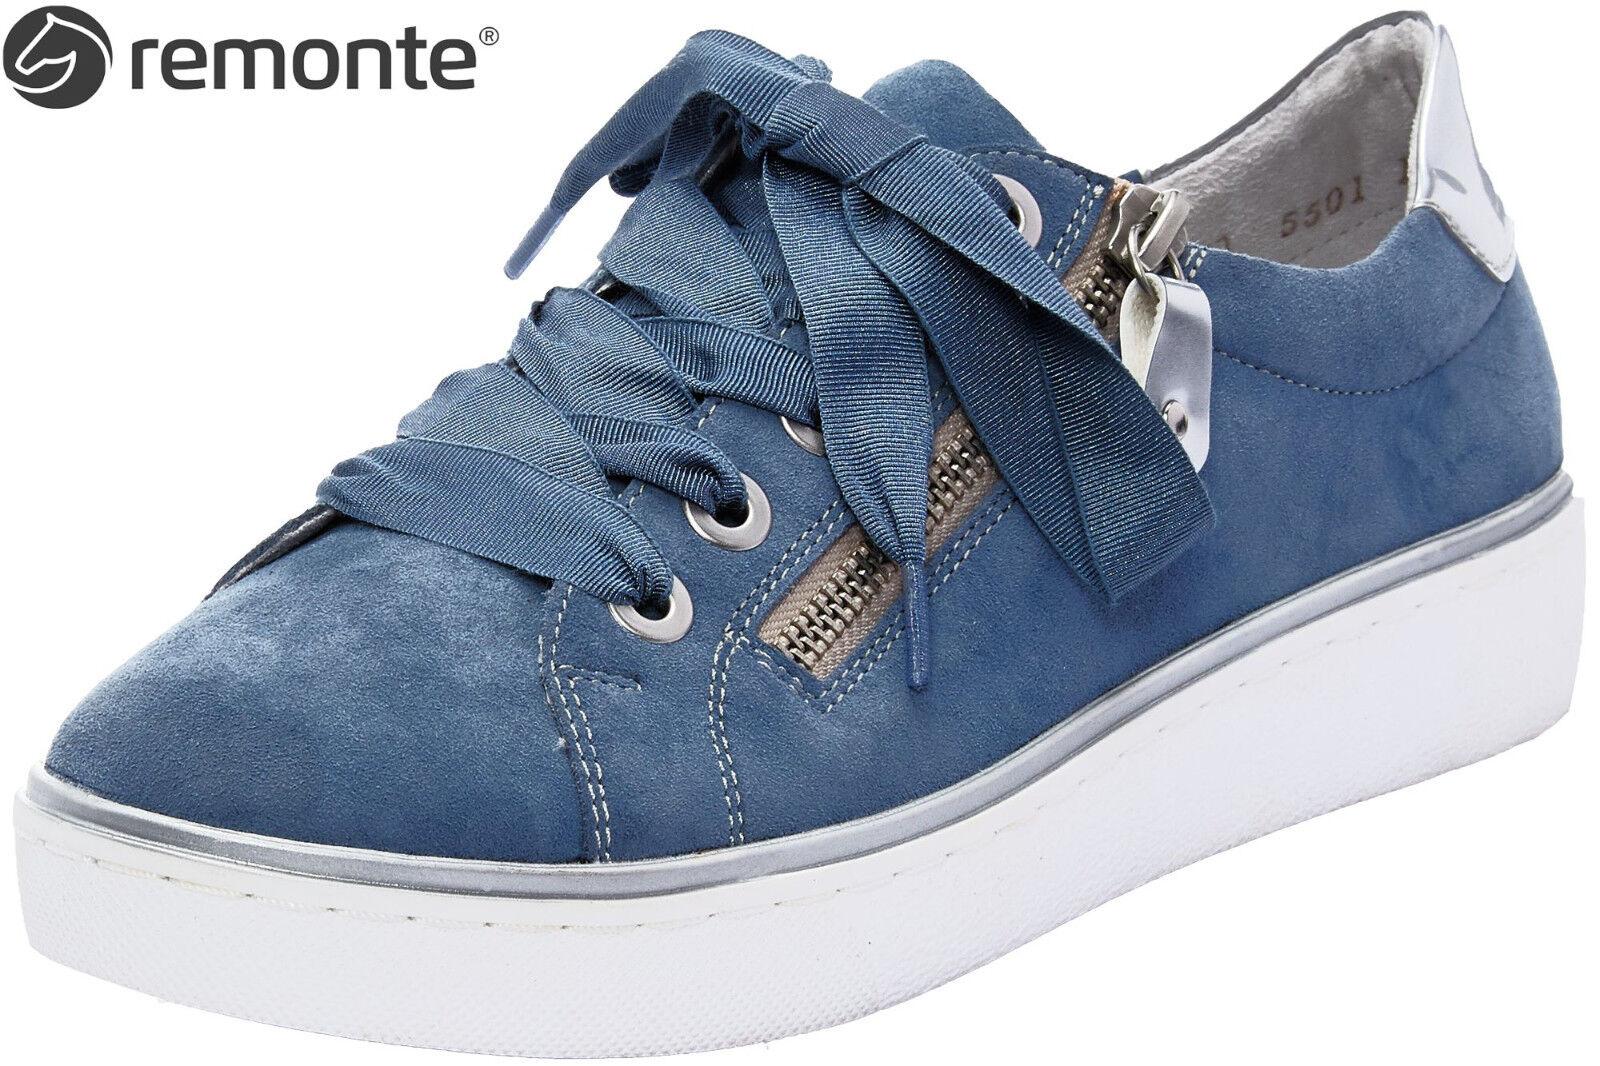 Remonte Damen Sneaker R5501-13 Blau Komfort Leder Schuhe lose Einlage NEU